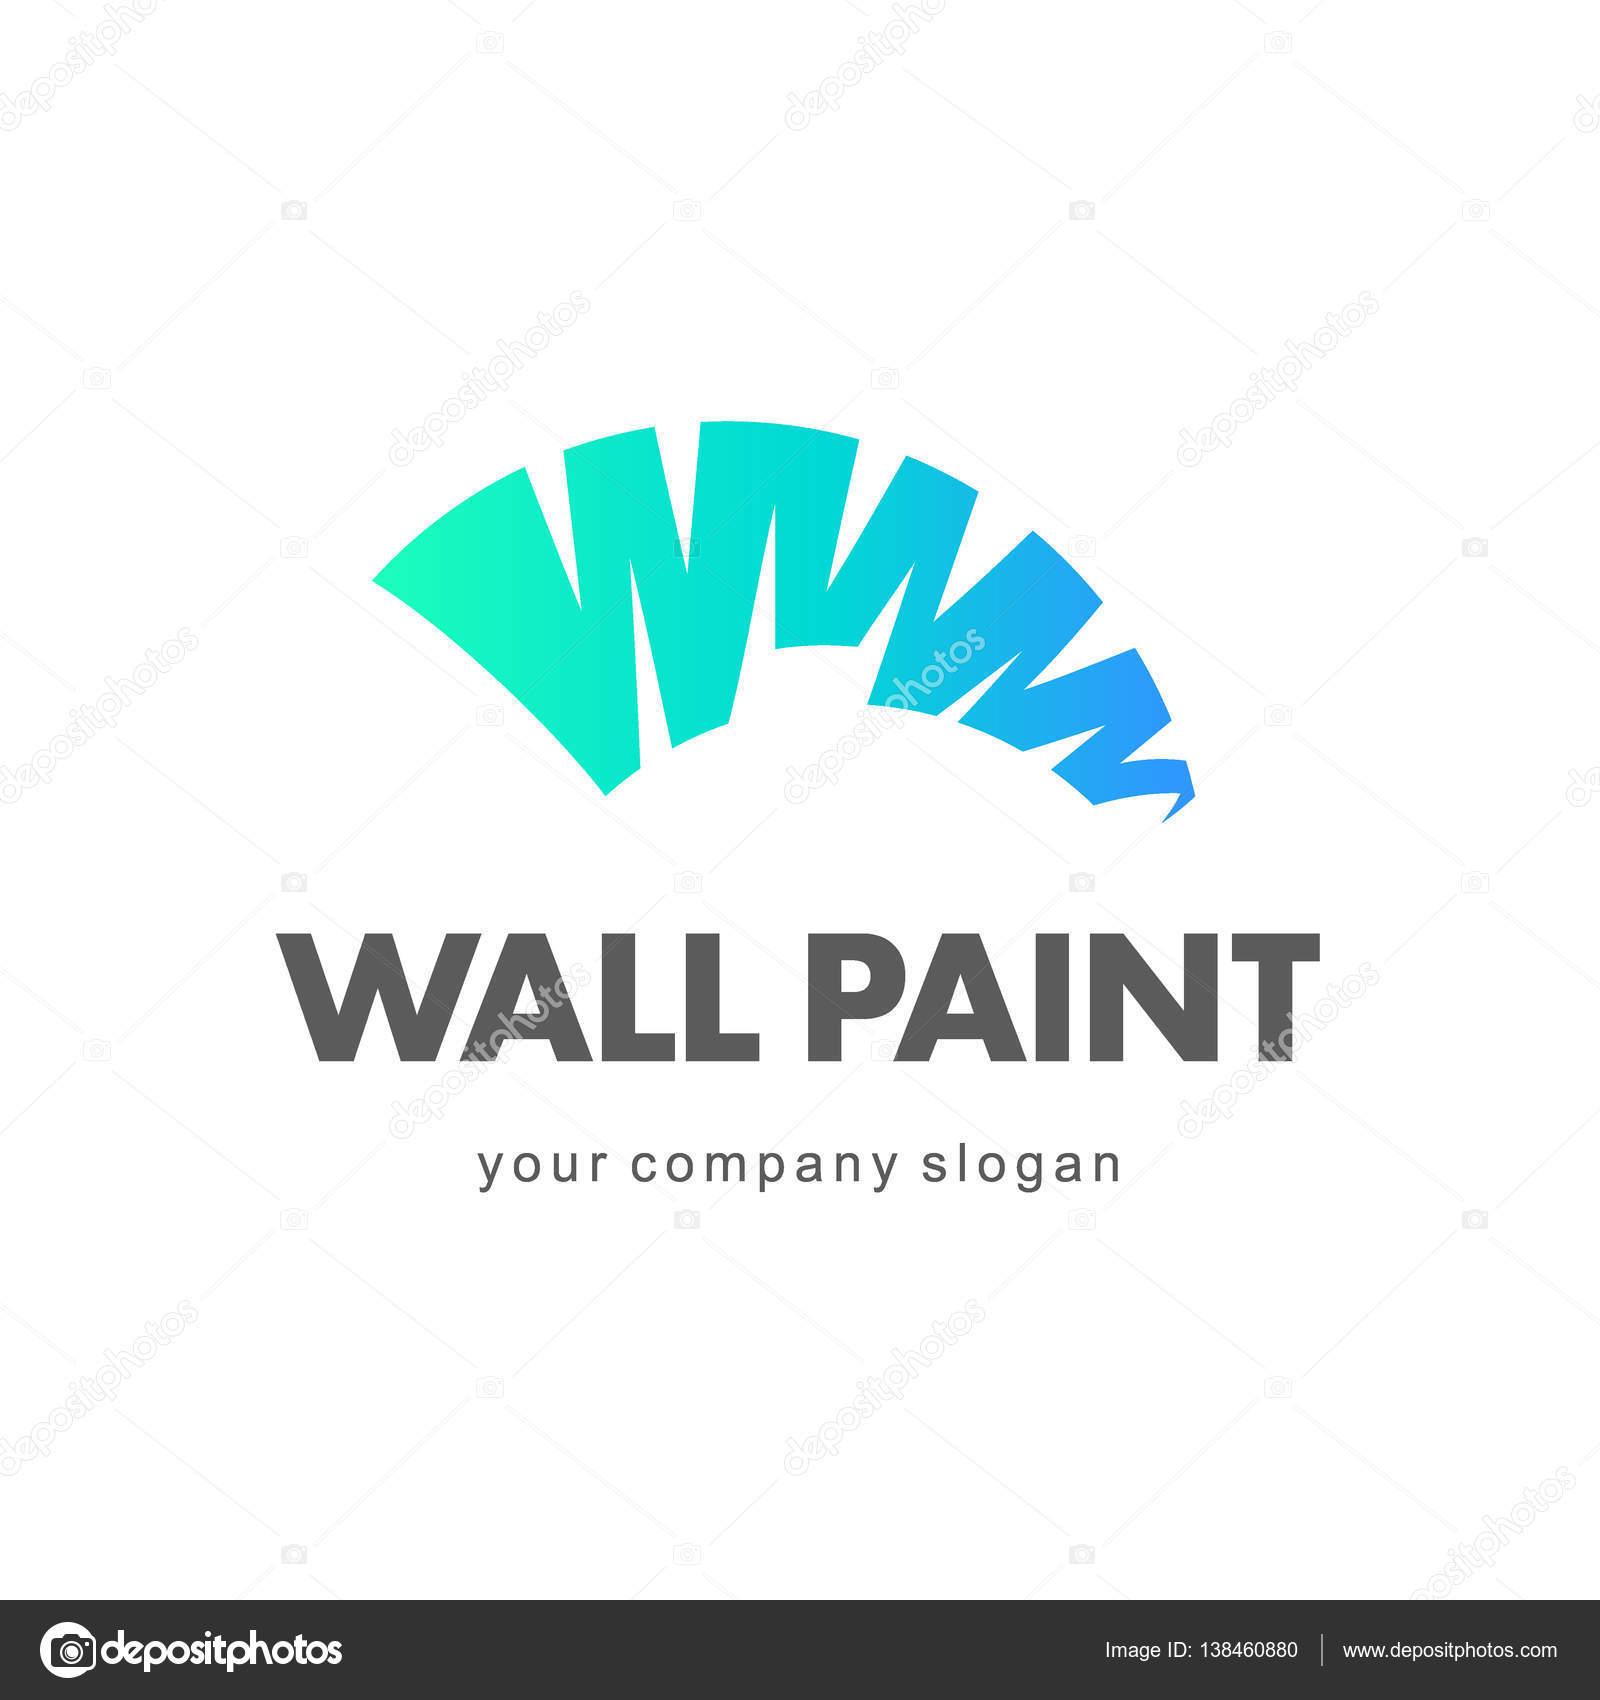 Design De Logotipo De Vetor. Pintura De Parede, Decoração Home, Decoração U2014  Vetores